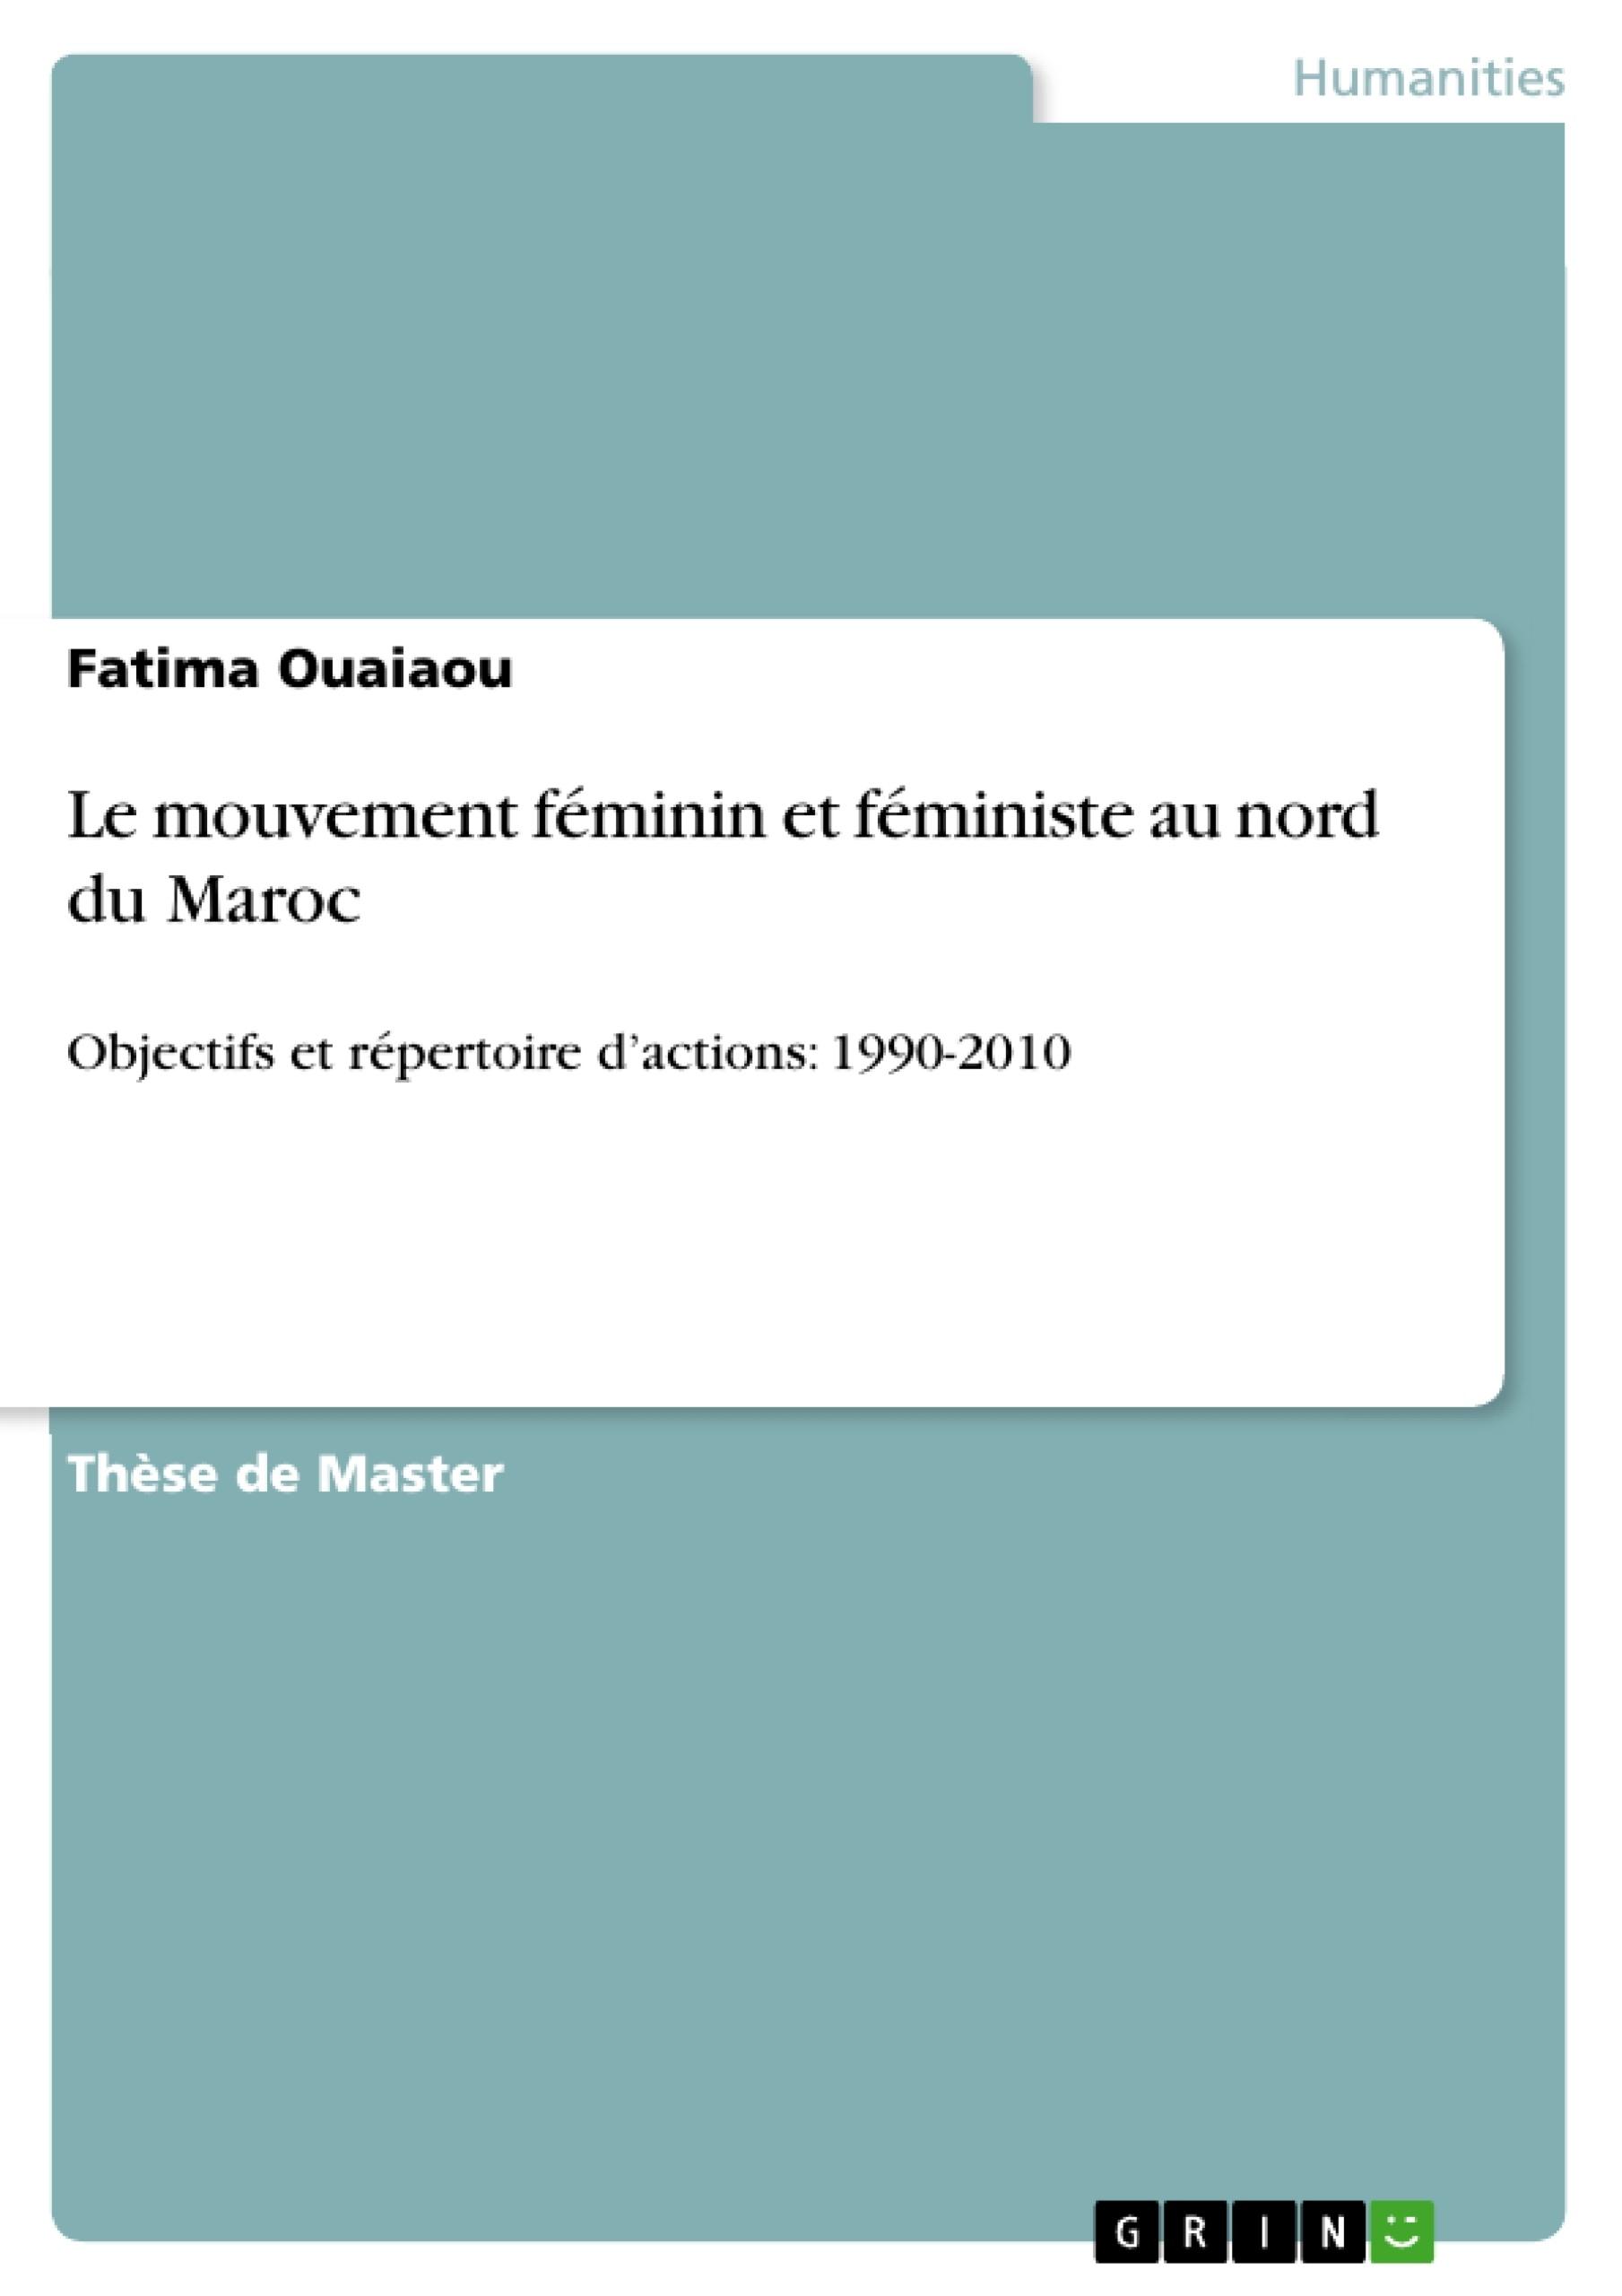 Titre: Le mouvement féminin et féministe au nord du Maroc